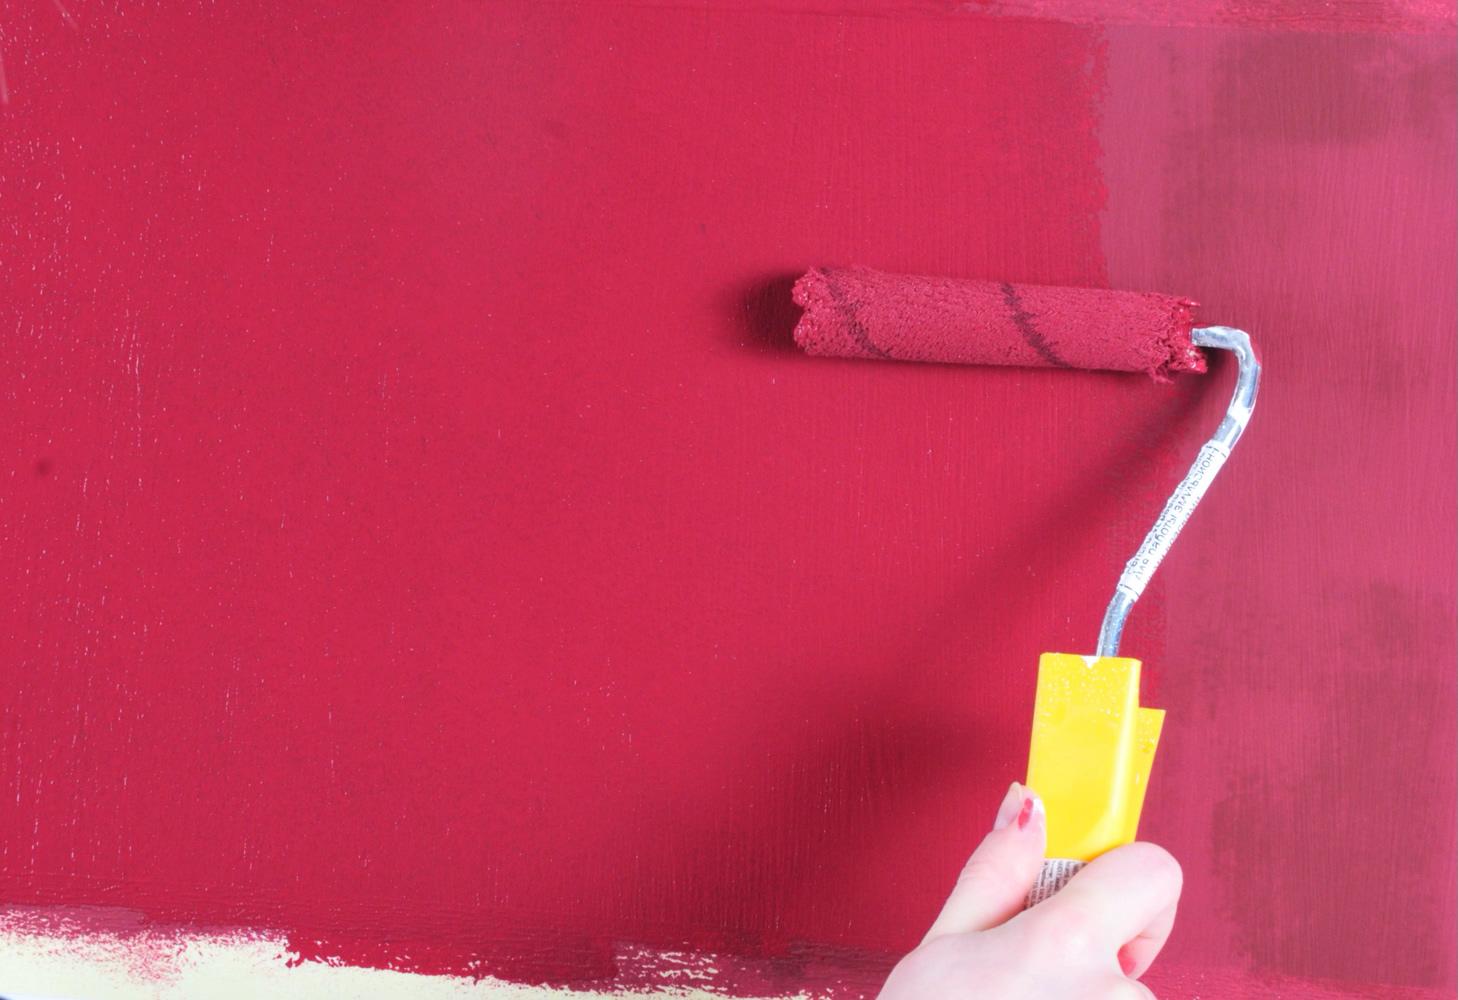 картинки по окраски фасада водоэмульсионной краской виде надписи, должен